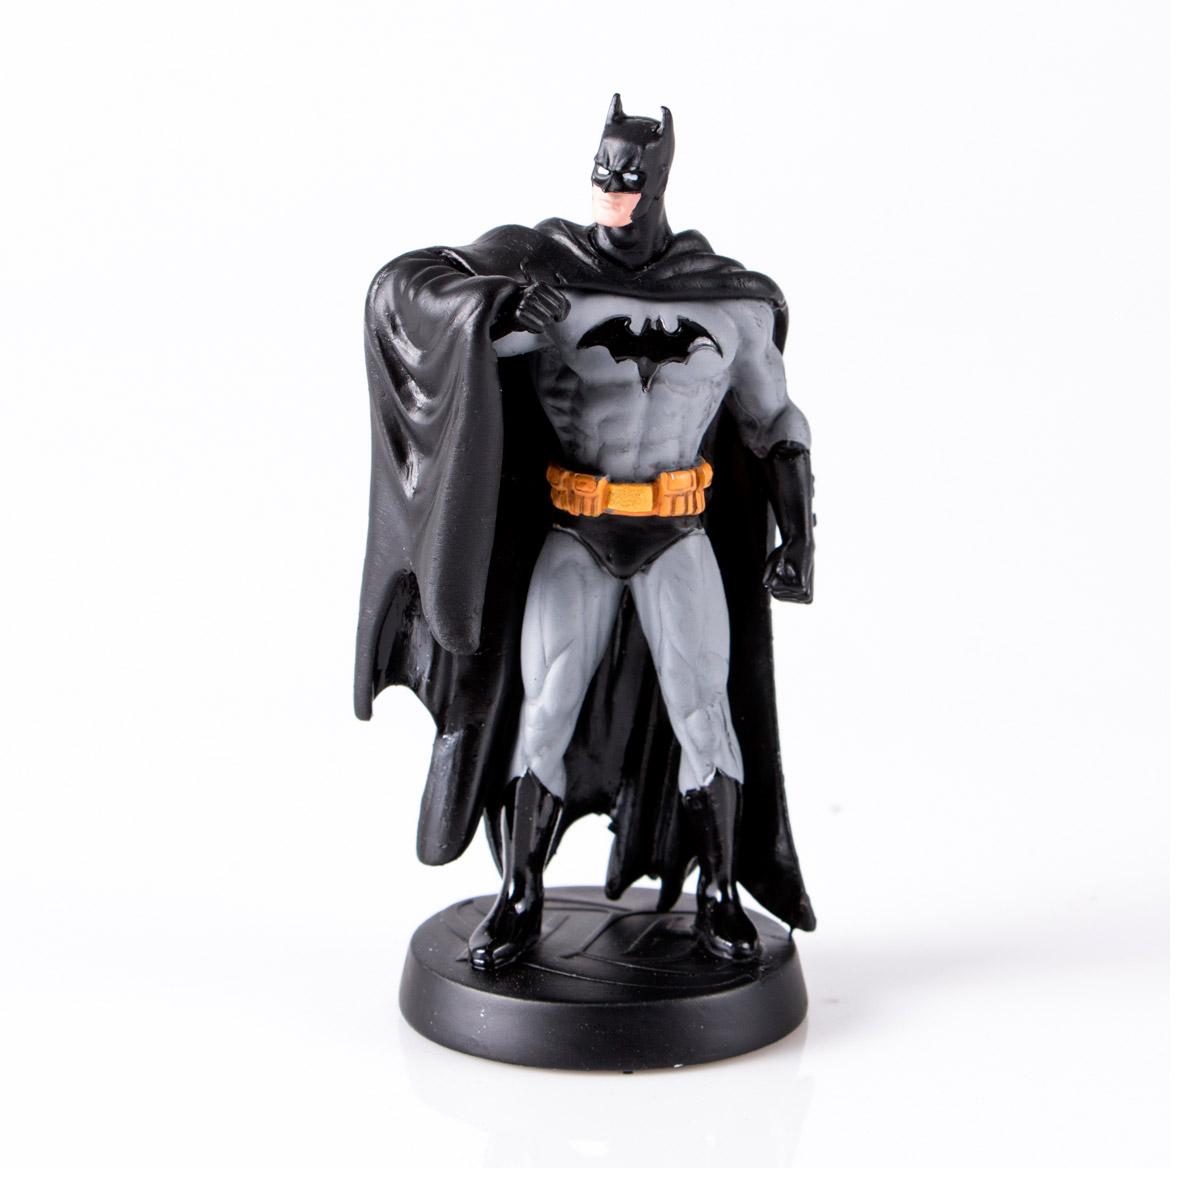 Boneco Miniatura Batman + Revista